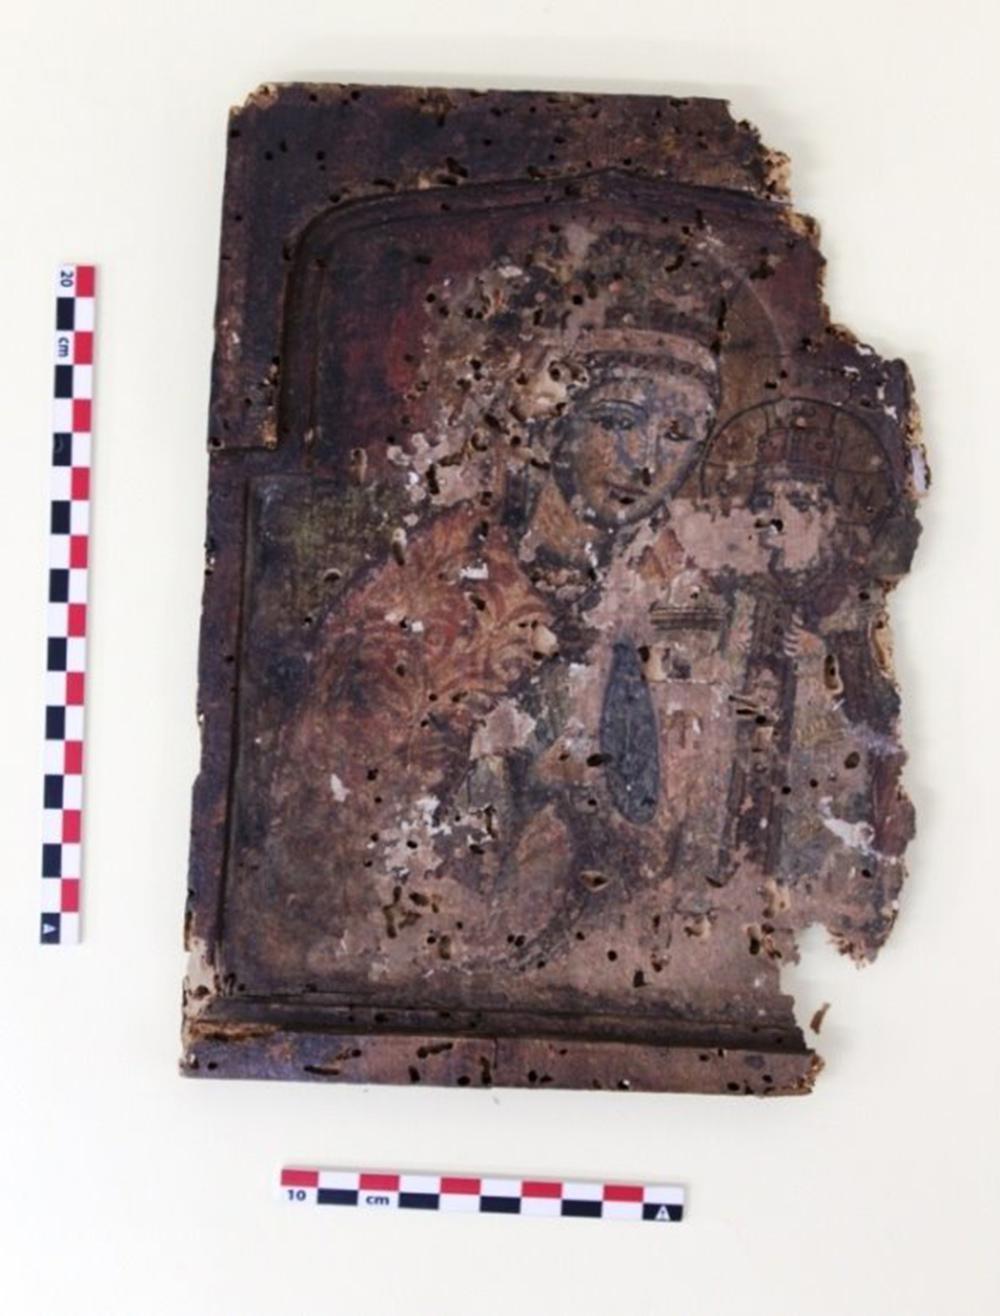 Ο θάνατος μητέρας και γιου αποκάλυψε έναν θησαυρό – Έκρυβαν στο σπίτι τους 380 θρησκευτικές εικόνες